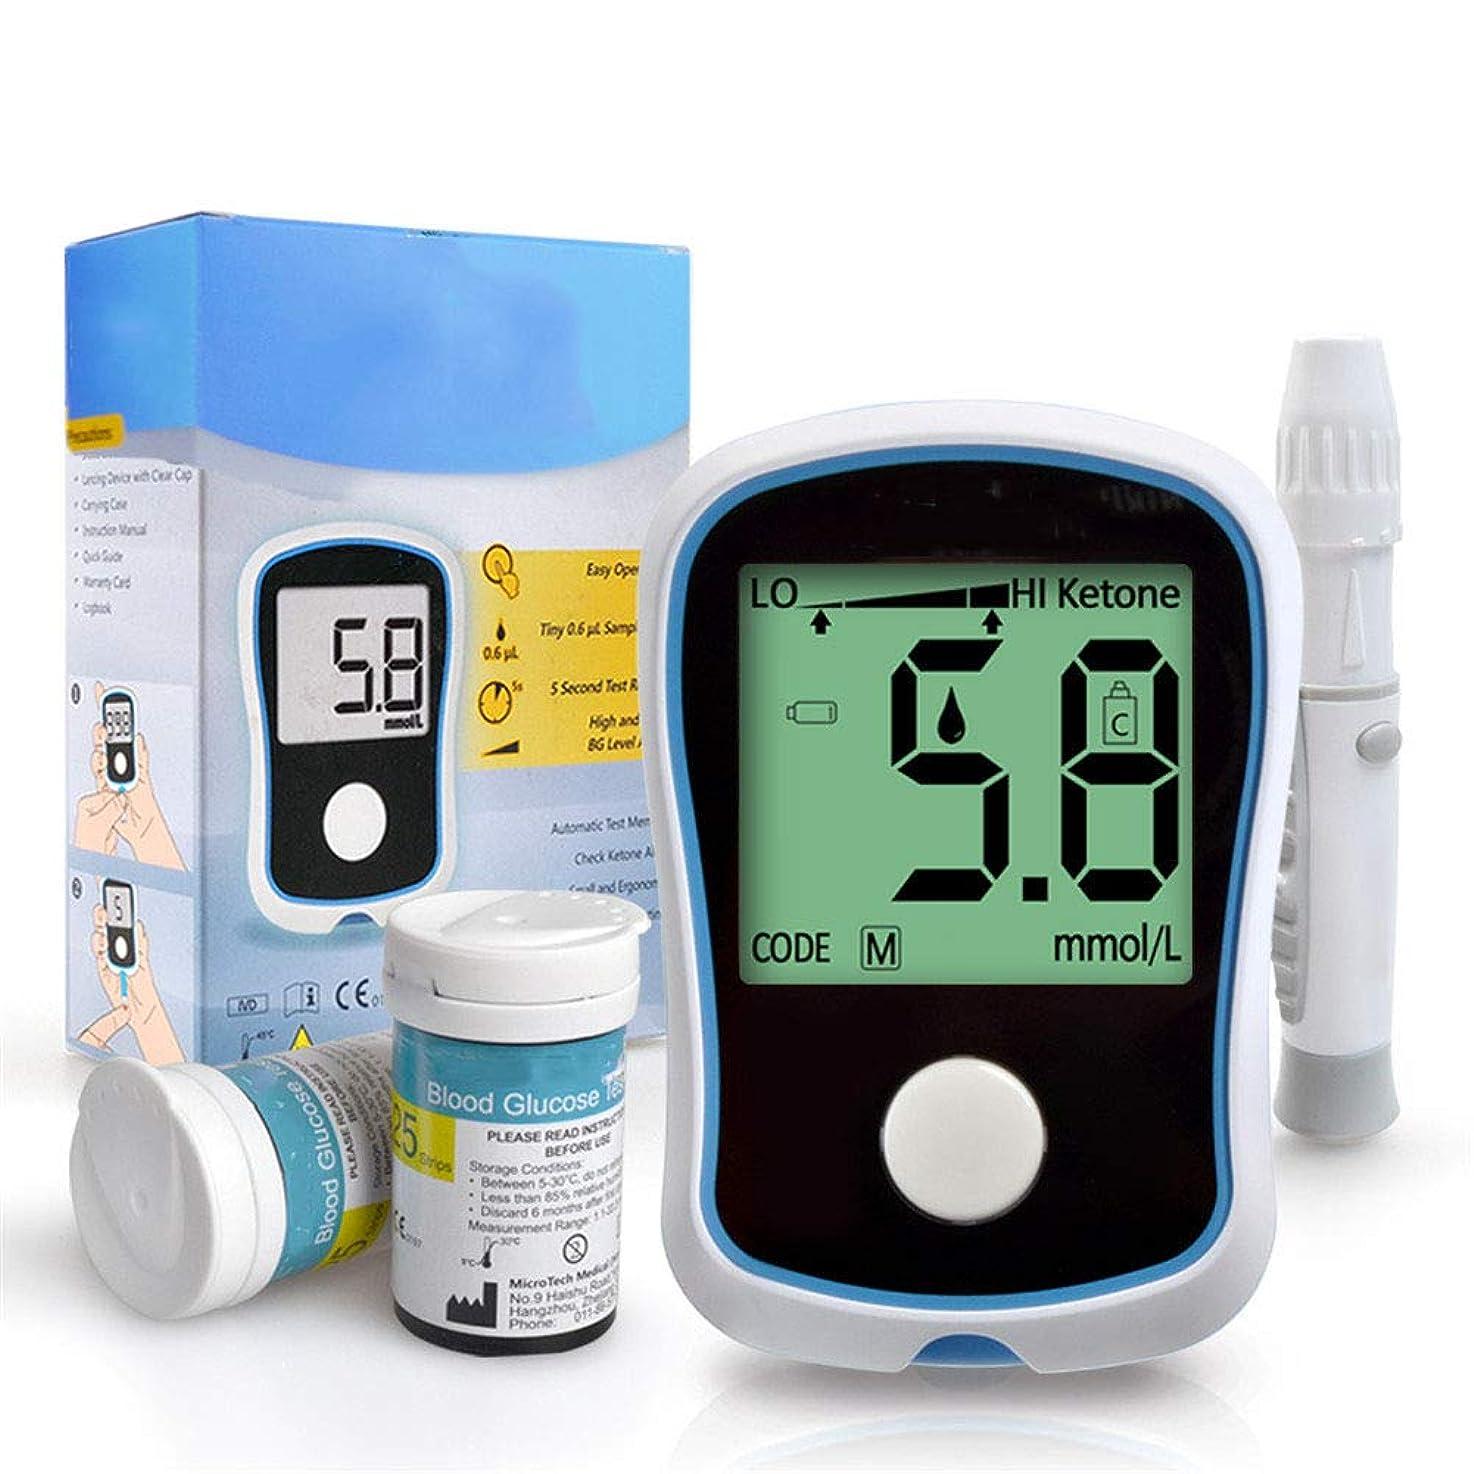 パンダ啓示ふざけた血糖値検査キット血糖値計糖尿病精度モニタリング50ストリップ50採血針50アルコール綿,A